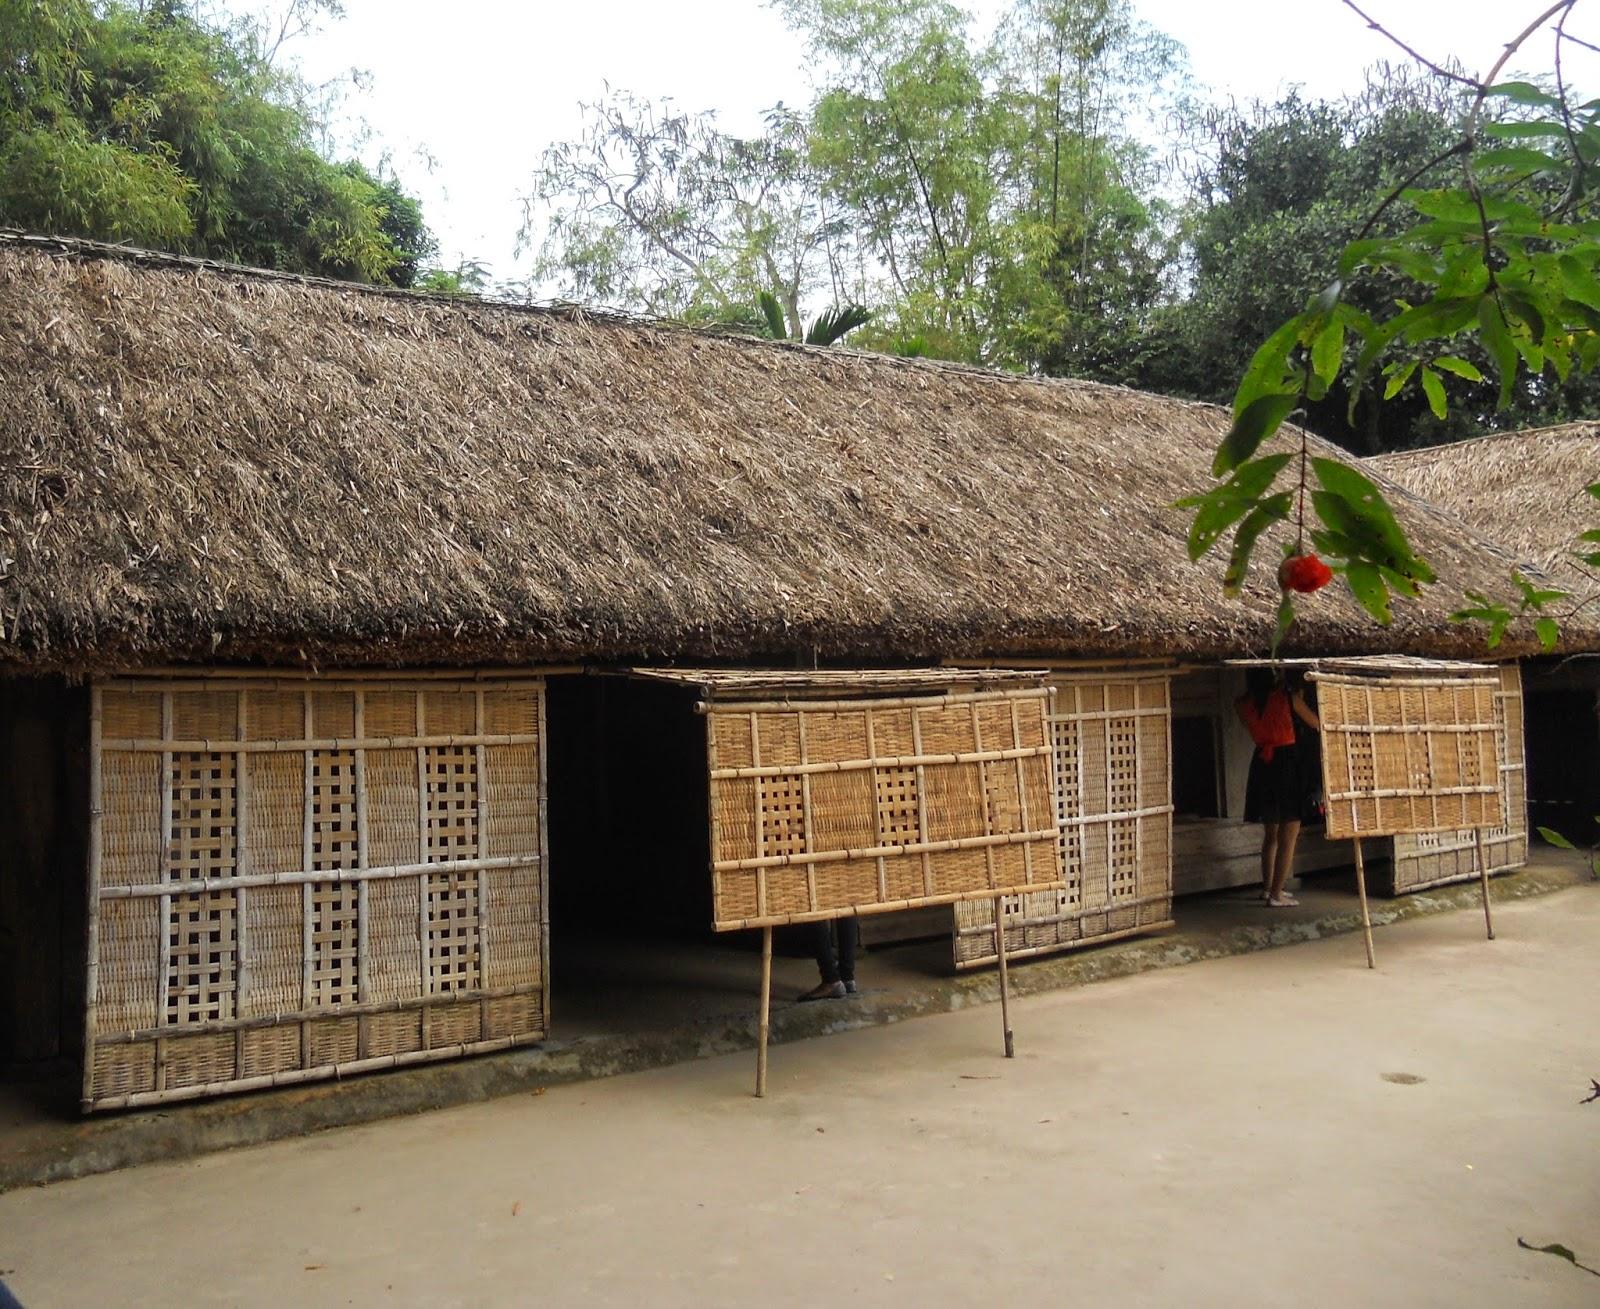 Hà Nội - Phong Nha-Kẻ Bàng - Ngã Ba Đồng Lộc - Cửa Lò - Quê Bác - Hà Nội 4 ngày4